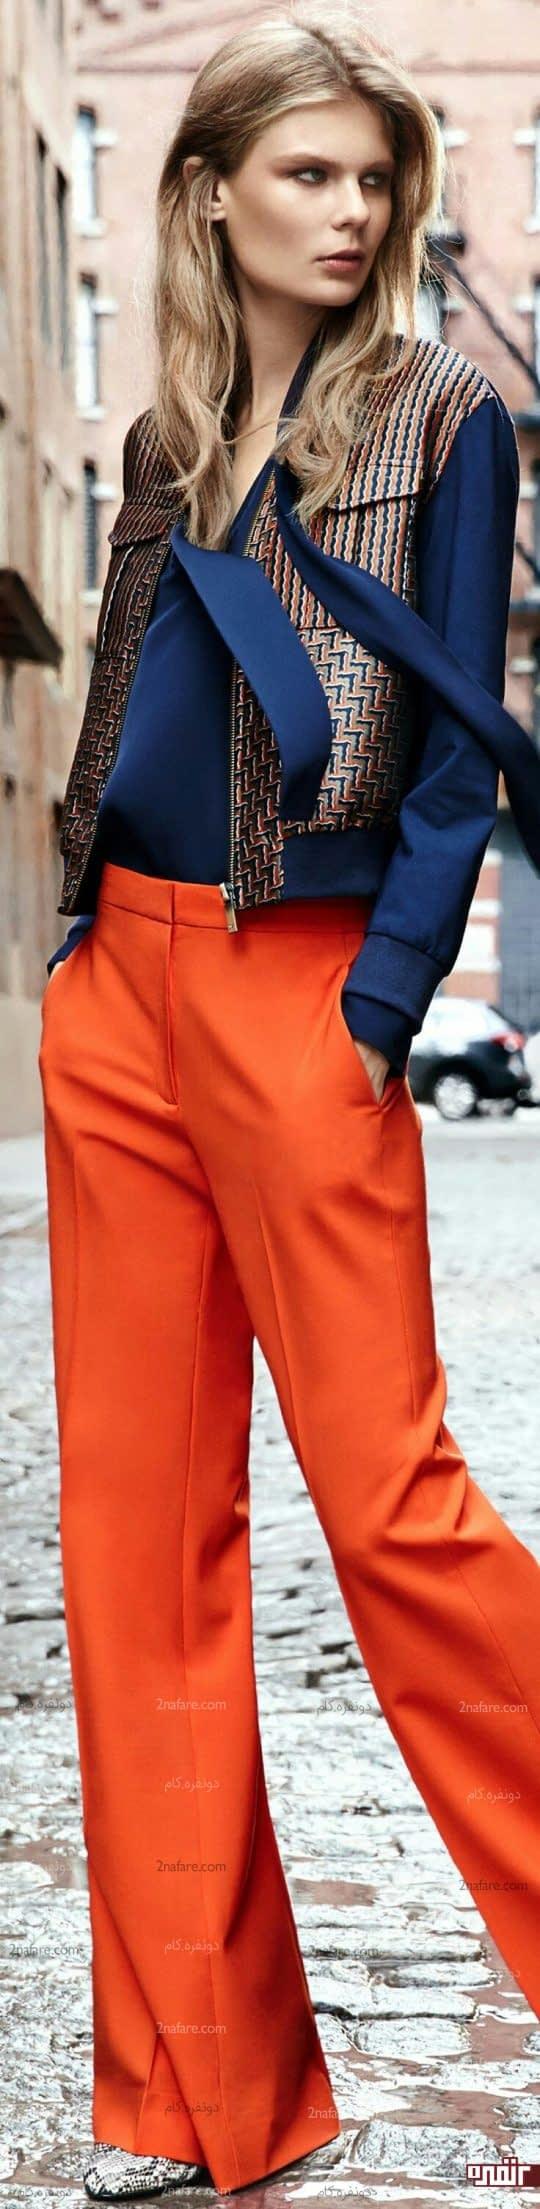 شومیز آبی و شلوار نارنجی